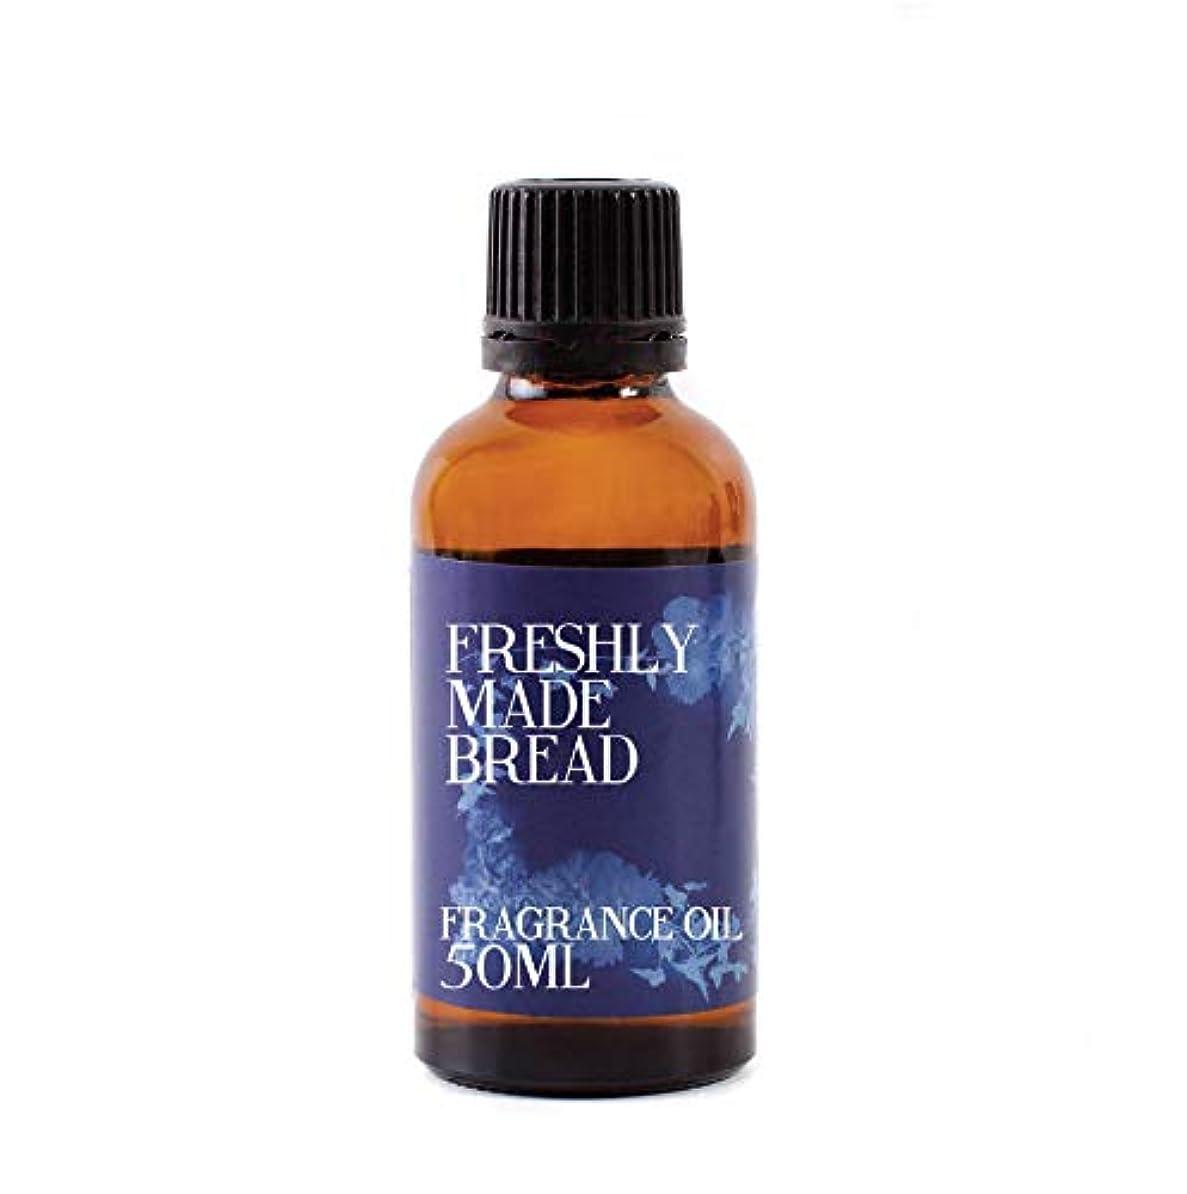 立方体フィドル航空機Mystic Moments | Freshly Made Bread Fragrance Oil - 50ml